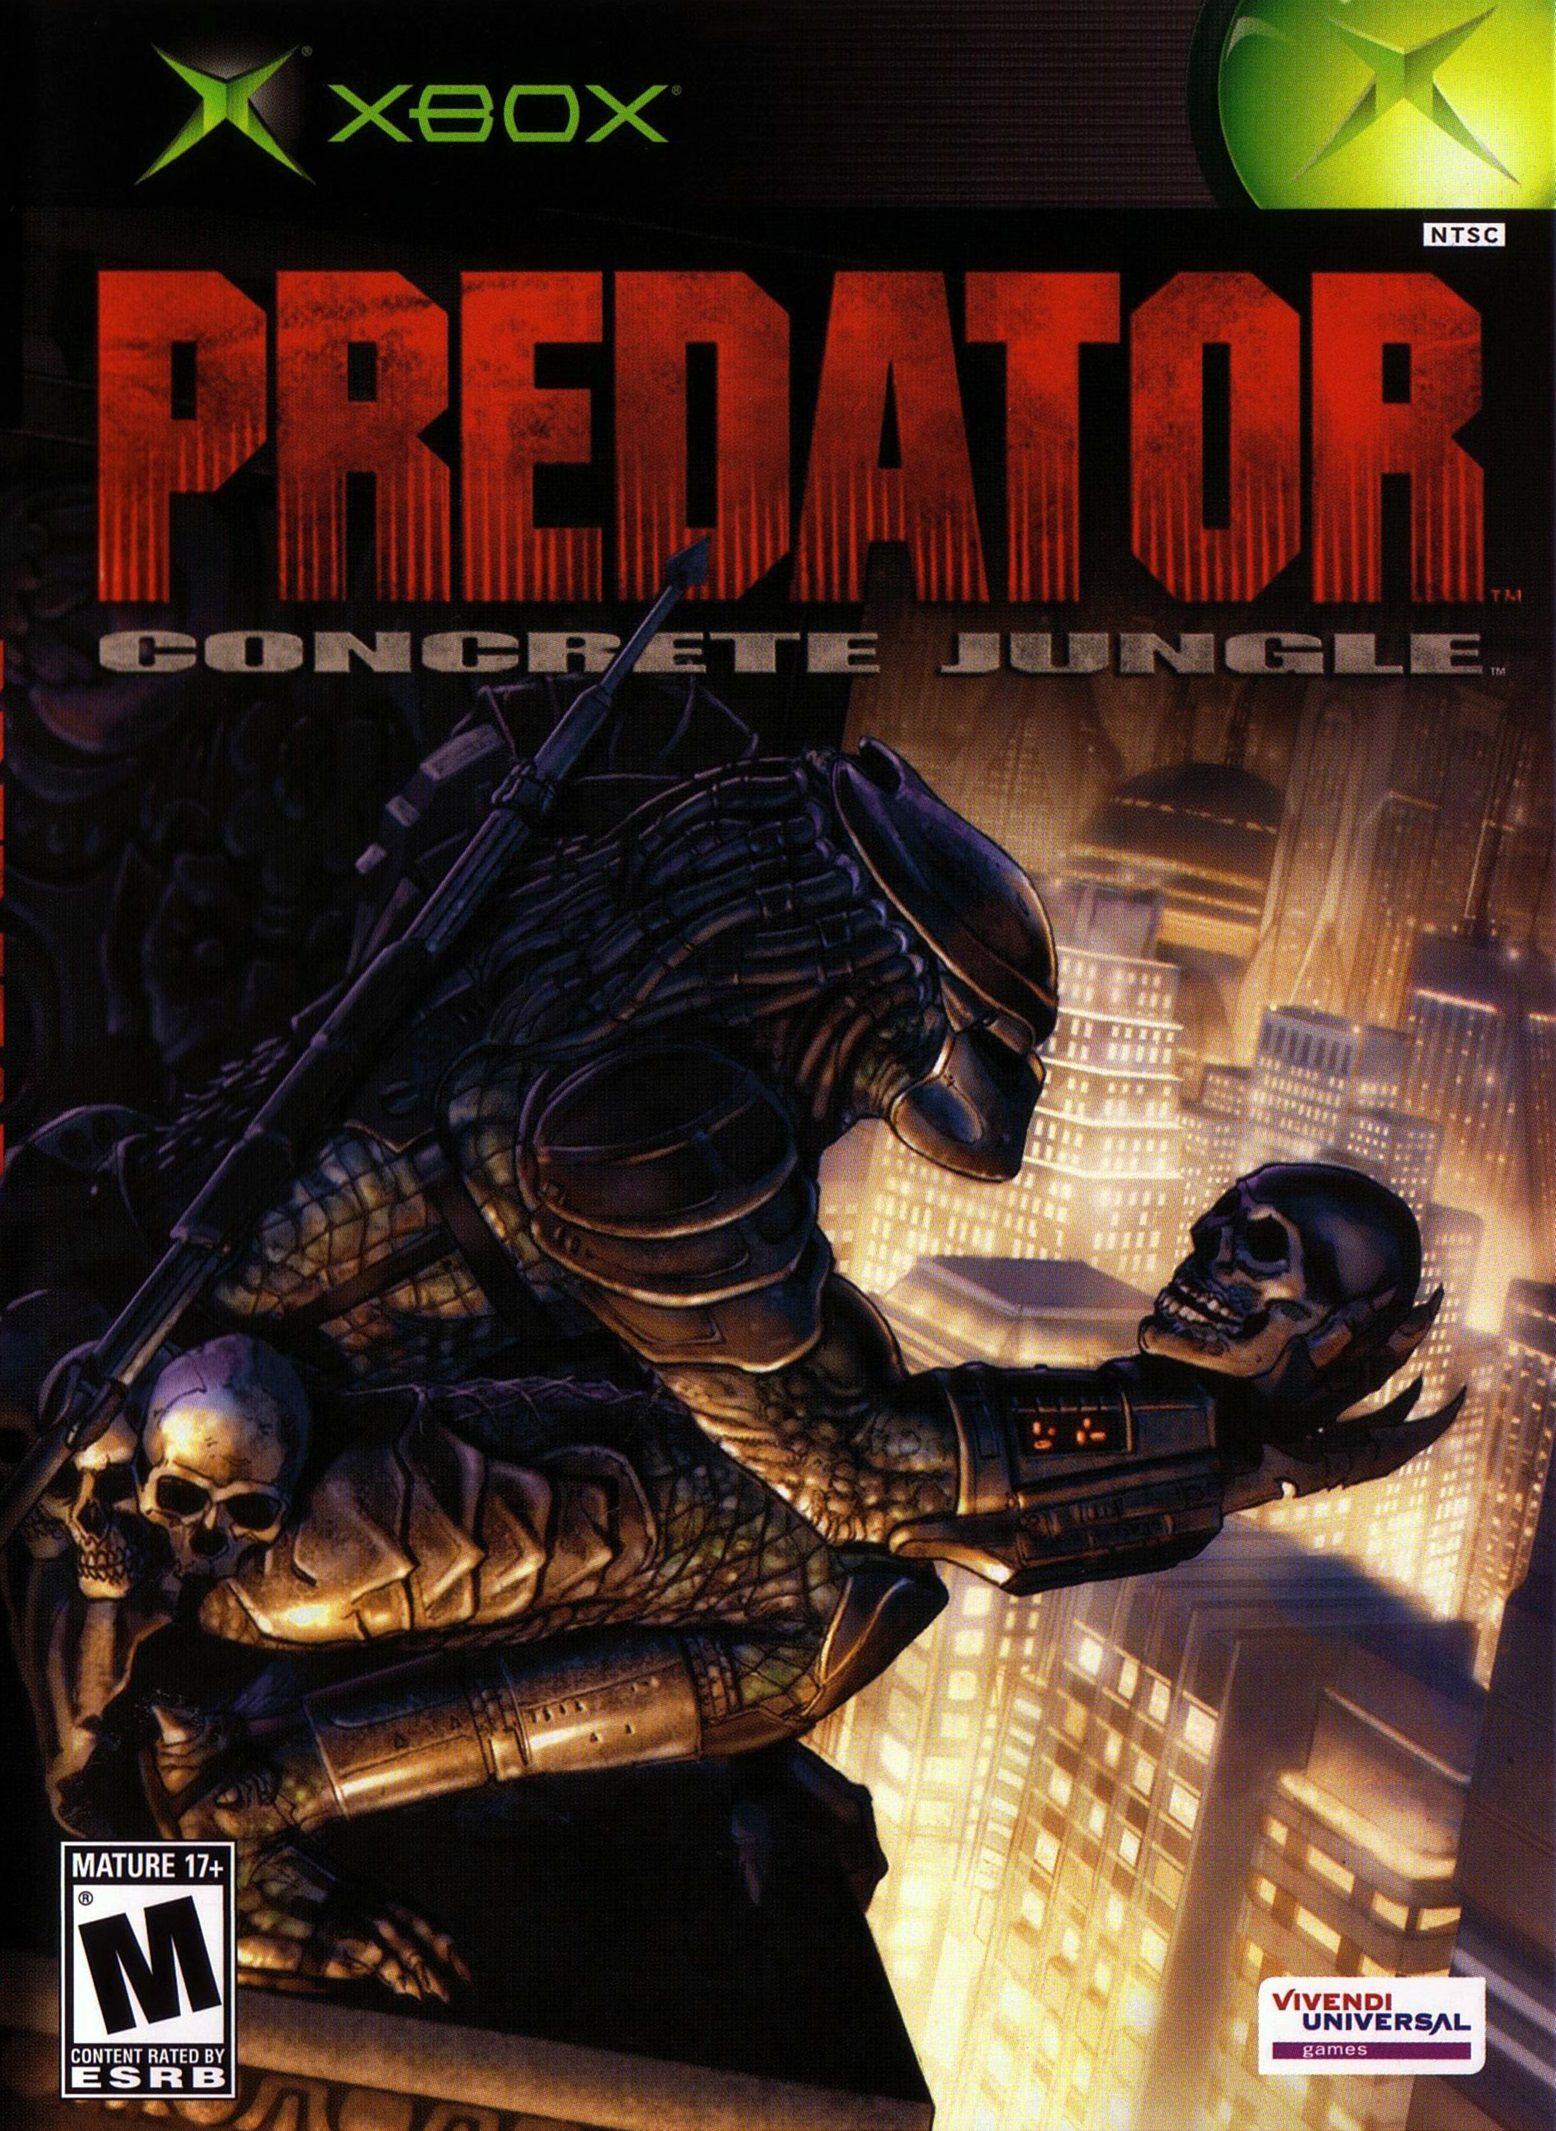 Pin by Shawn Thompson on Xbox Playstation, Predator